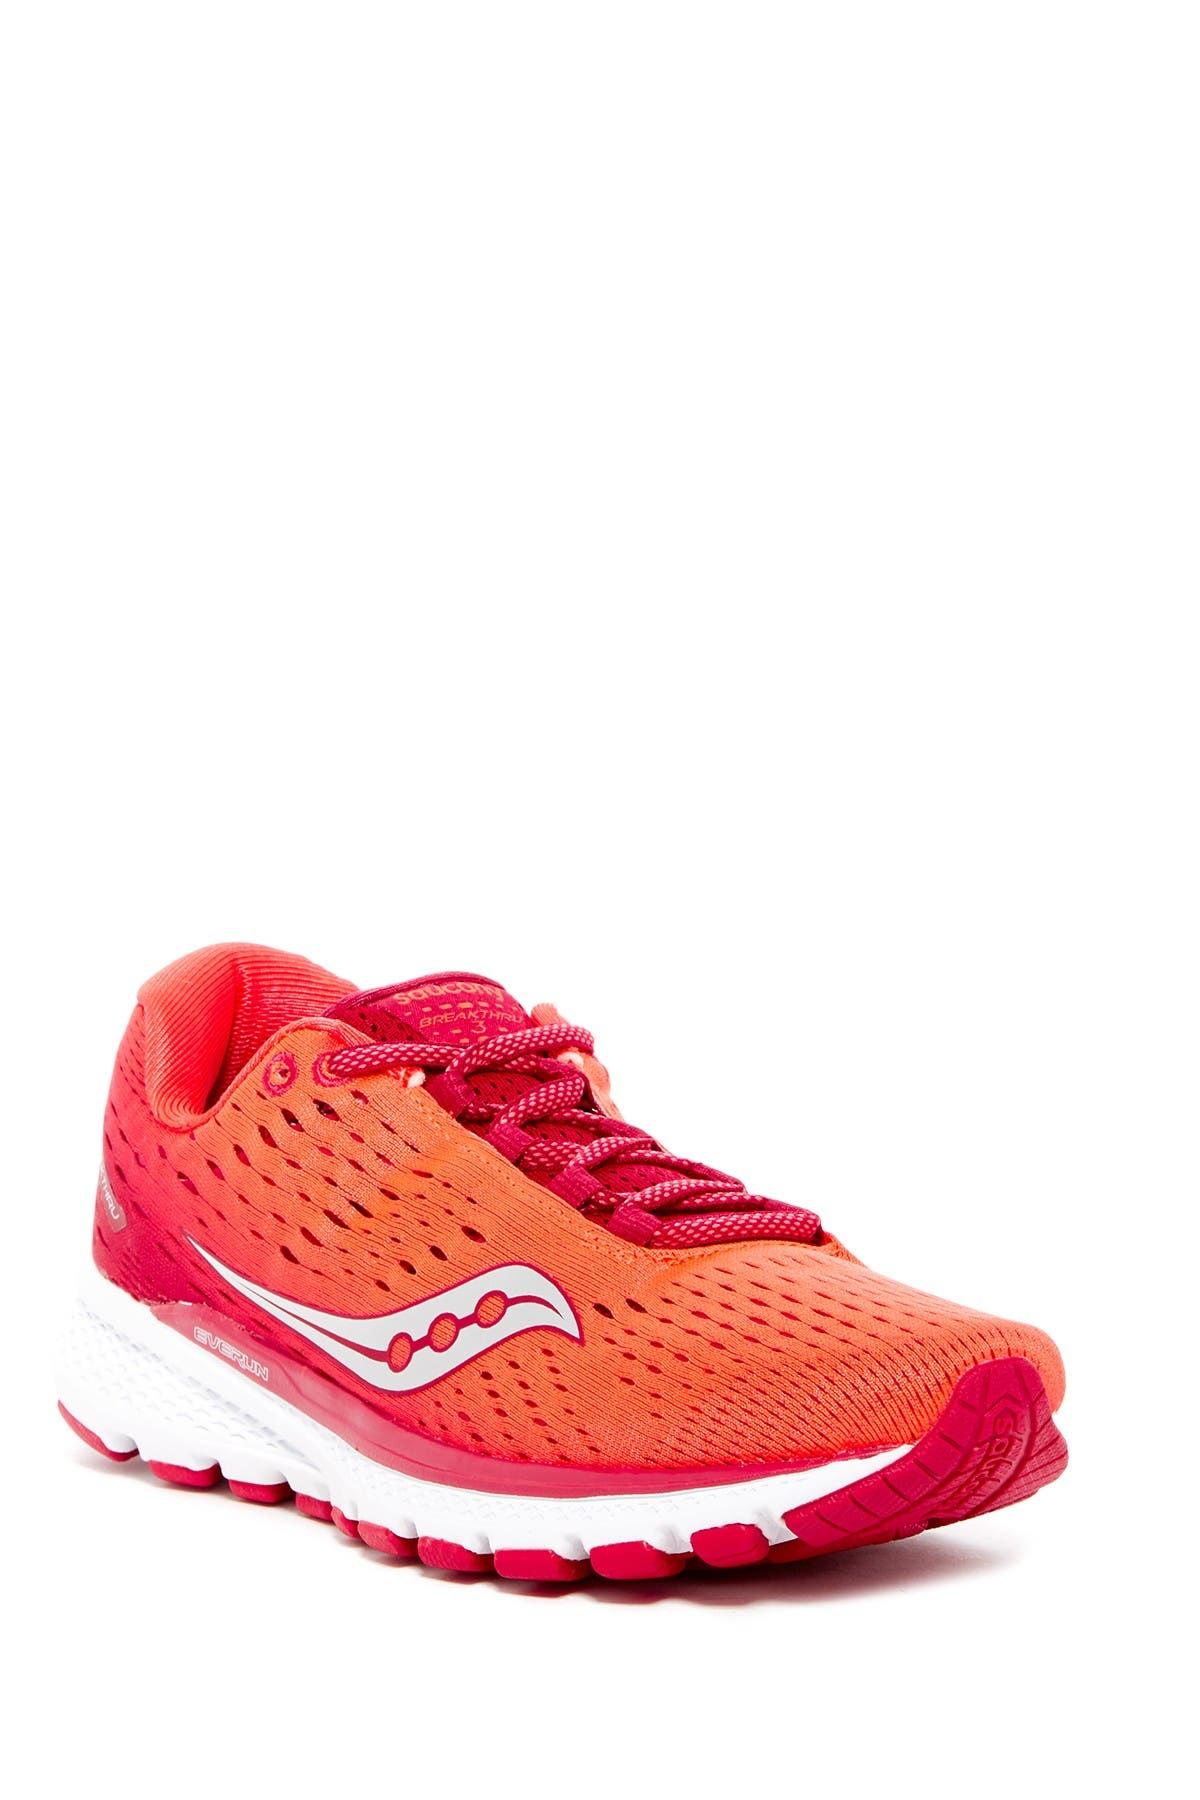 Image of Saucony Breakthru 3 Sneaker